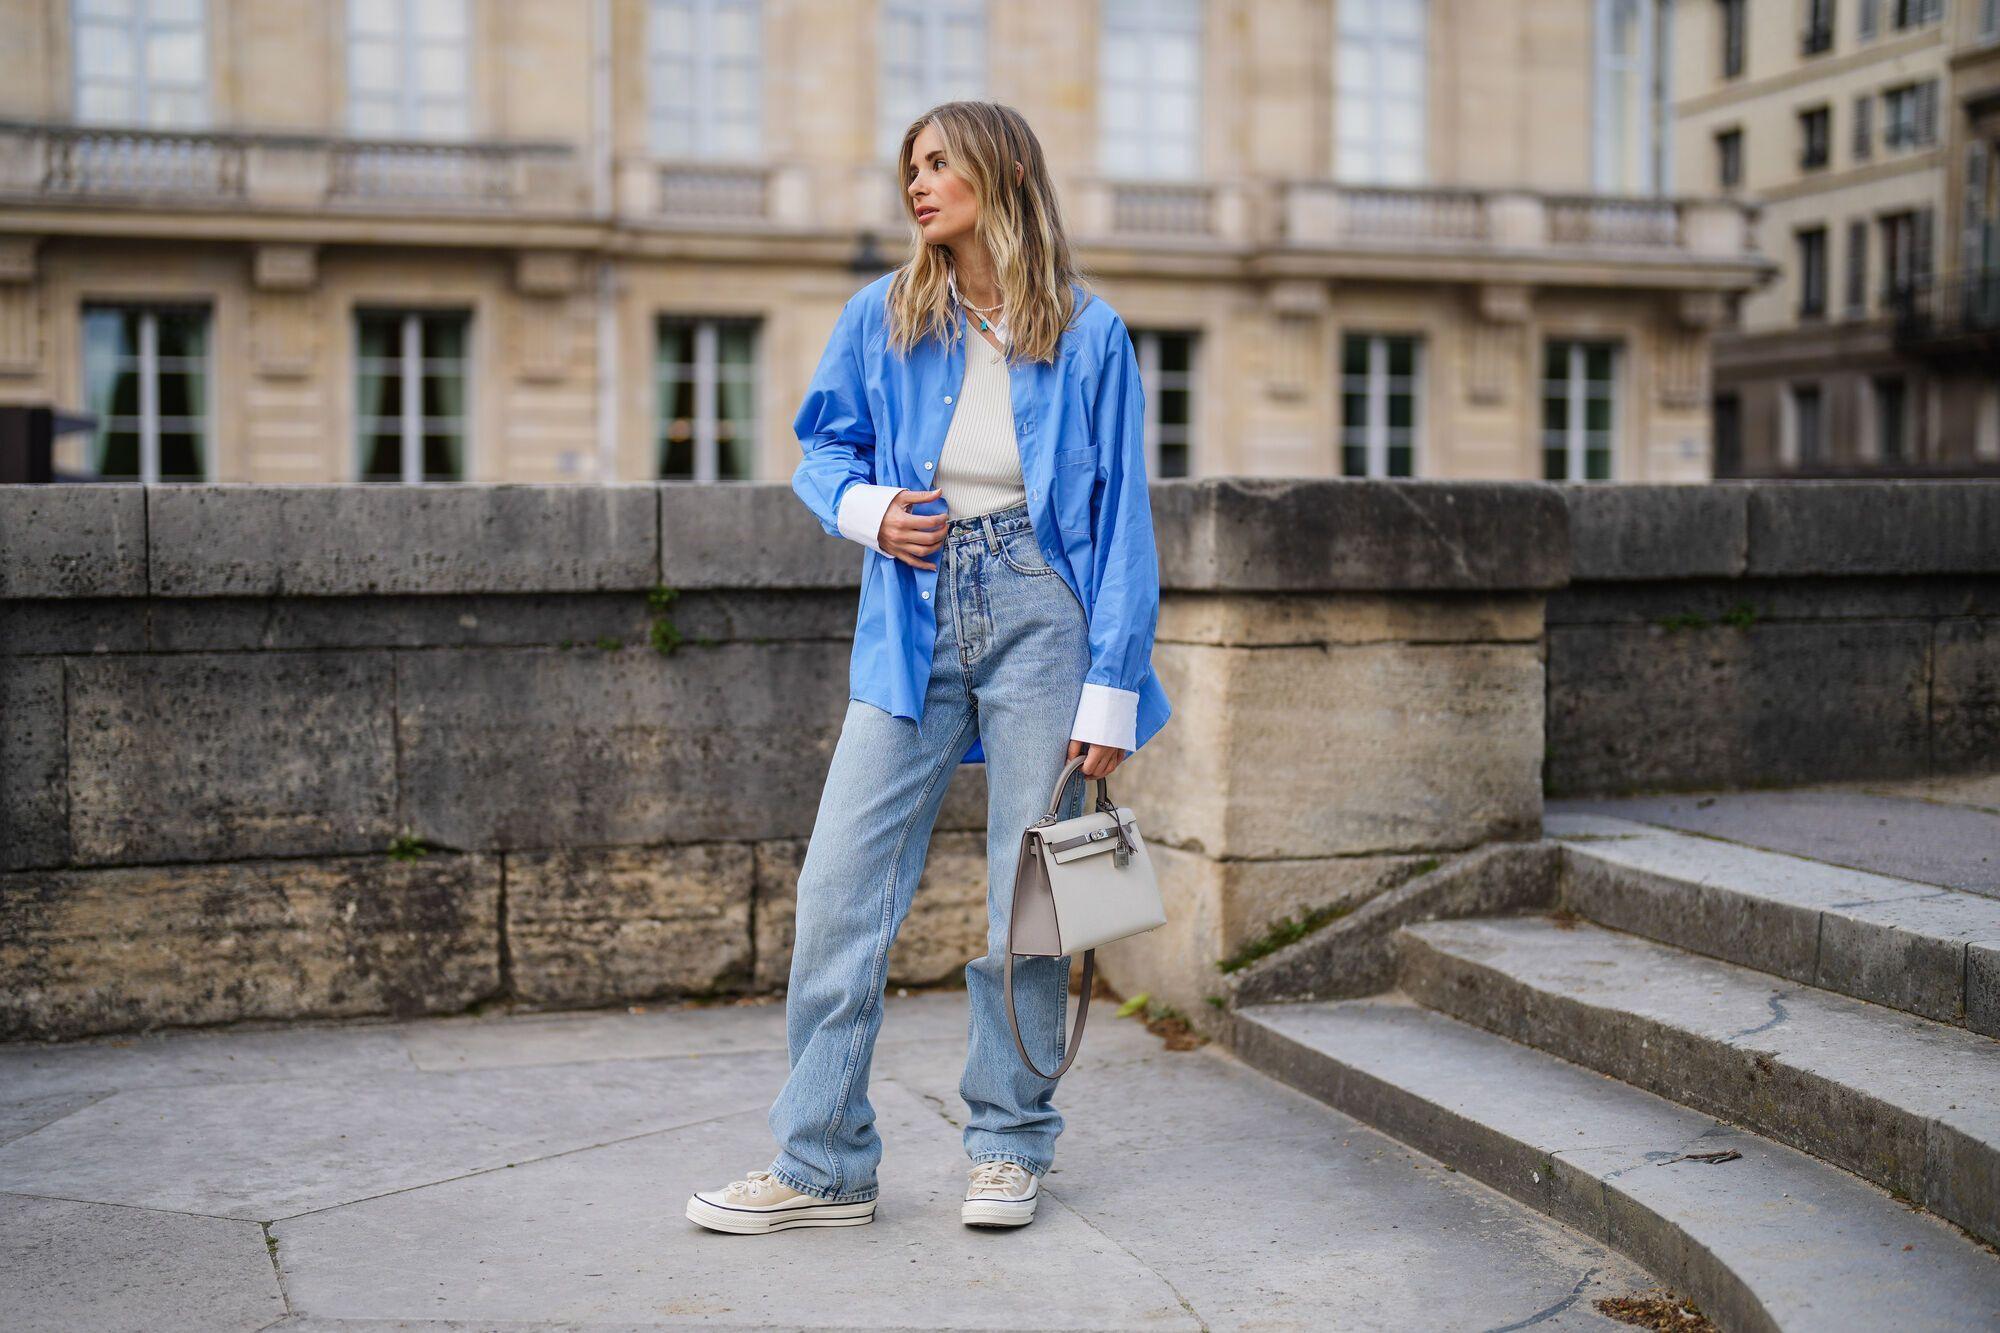 Модный образ с широкими джинсами